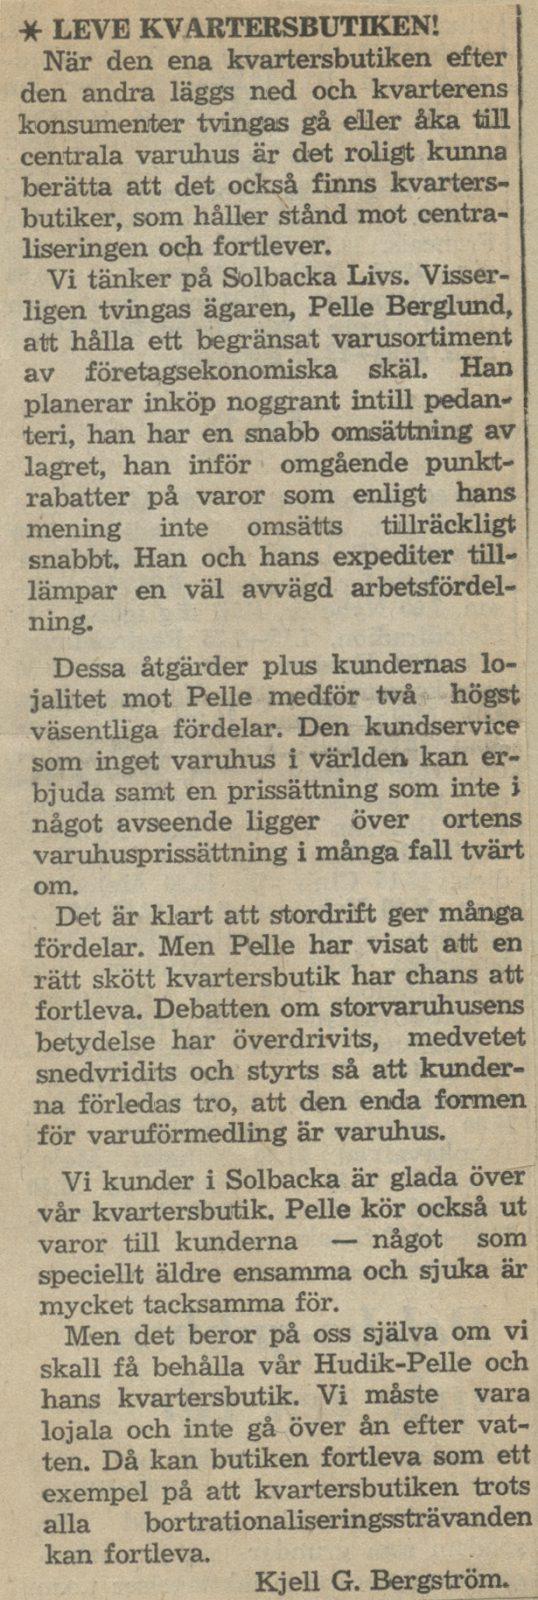 MAXI ICA 1998 SVERGIE